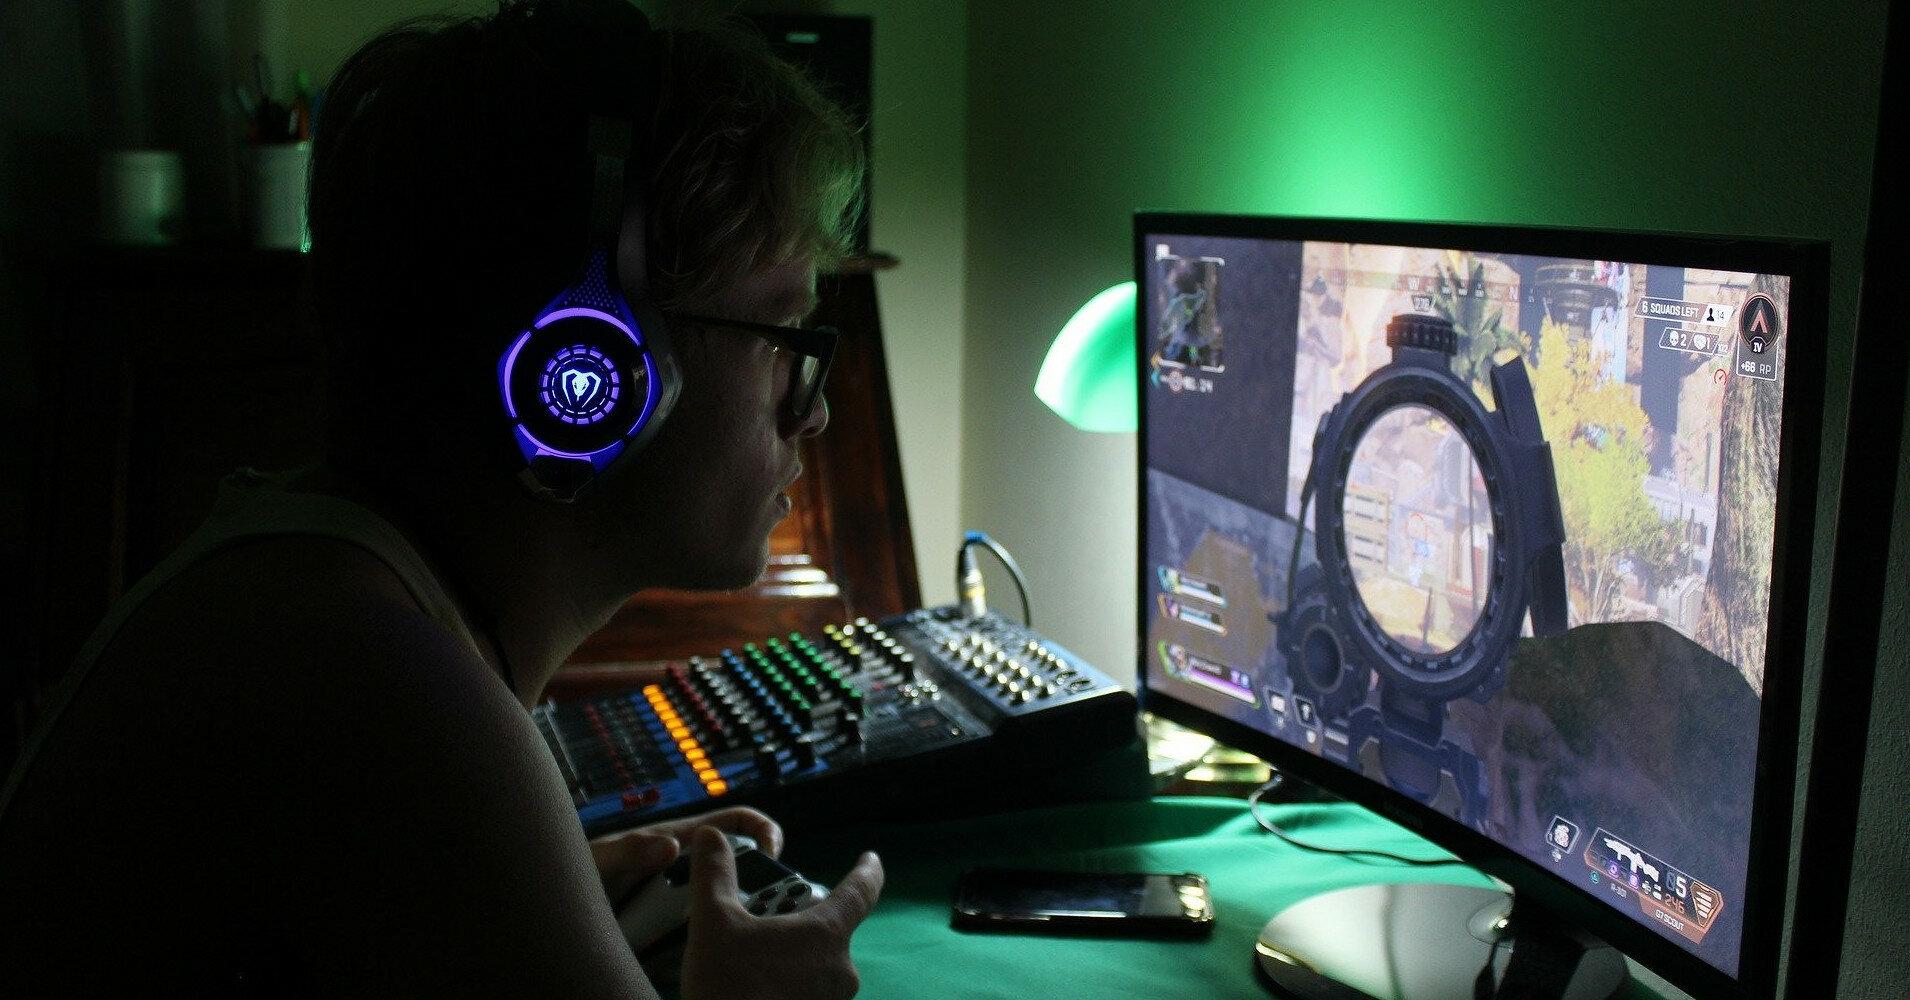 Видеоигры могут помочь улучшить психическое здоровье – исследование